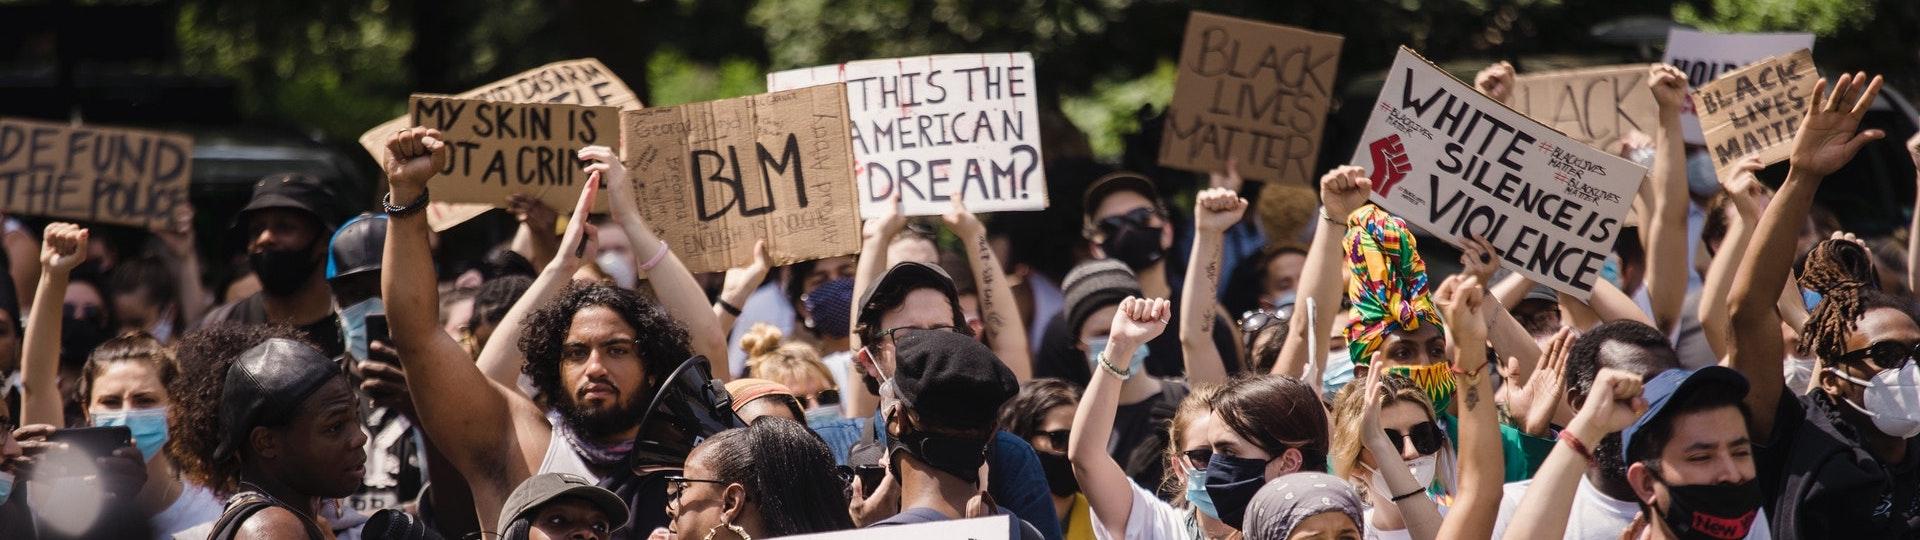 démonstration de black lives matter avec placards